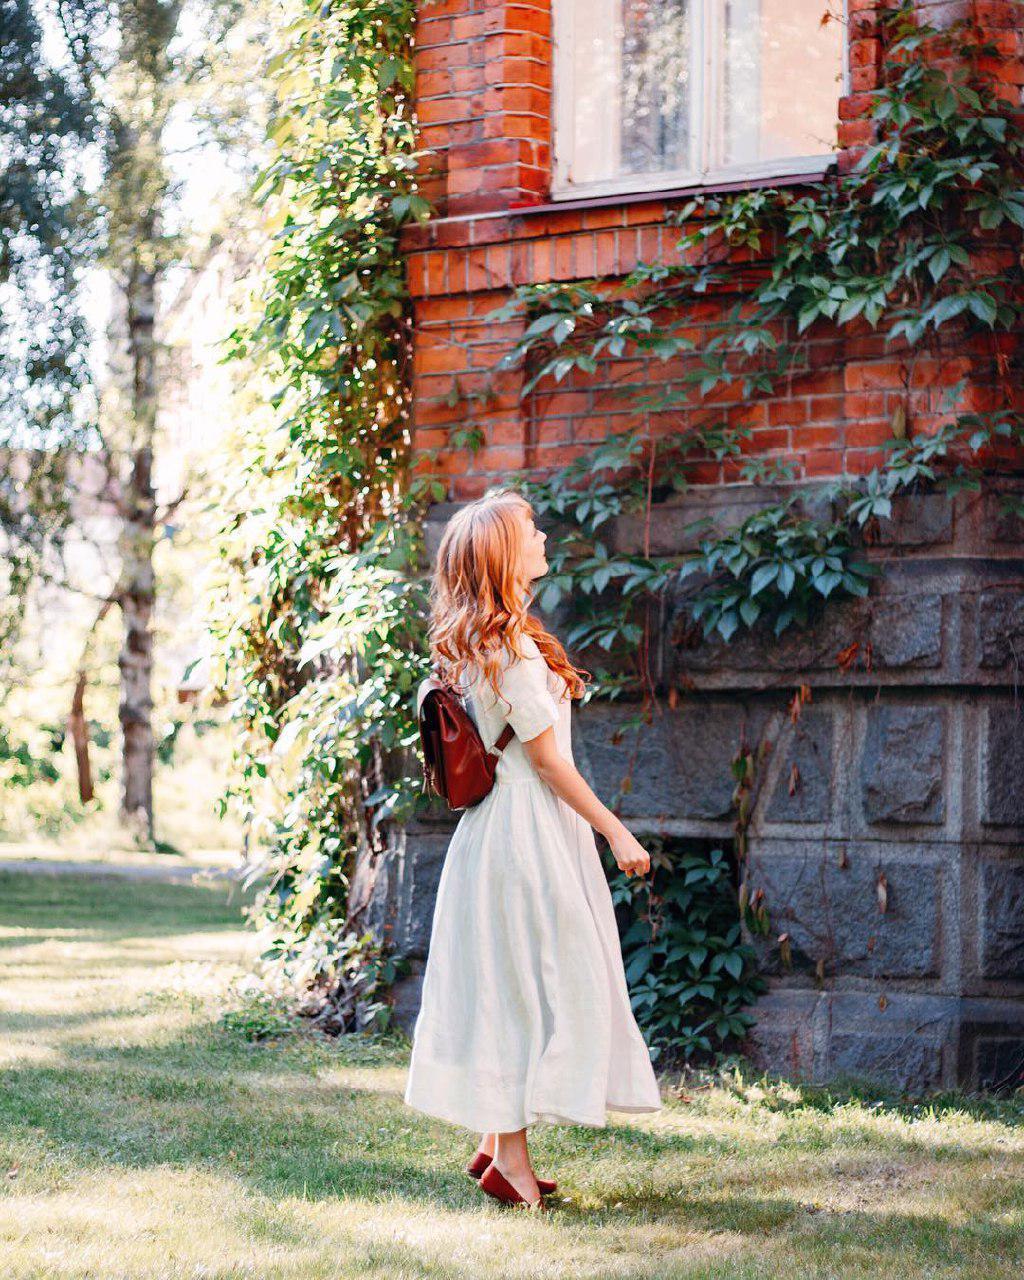 عکس دختر زیبا در طبیعت